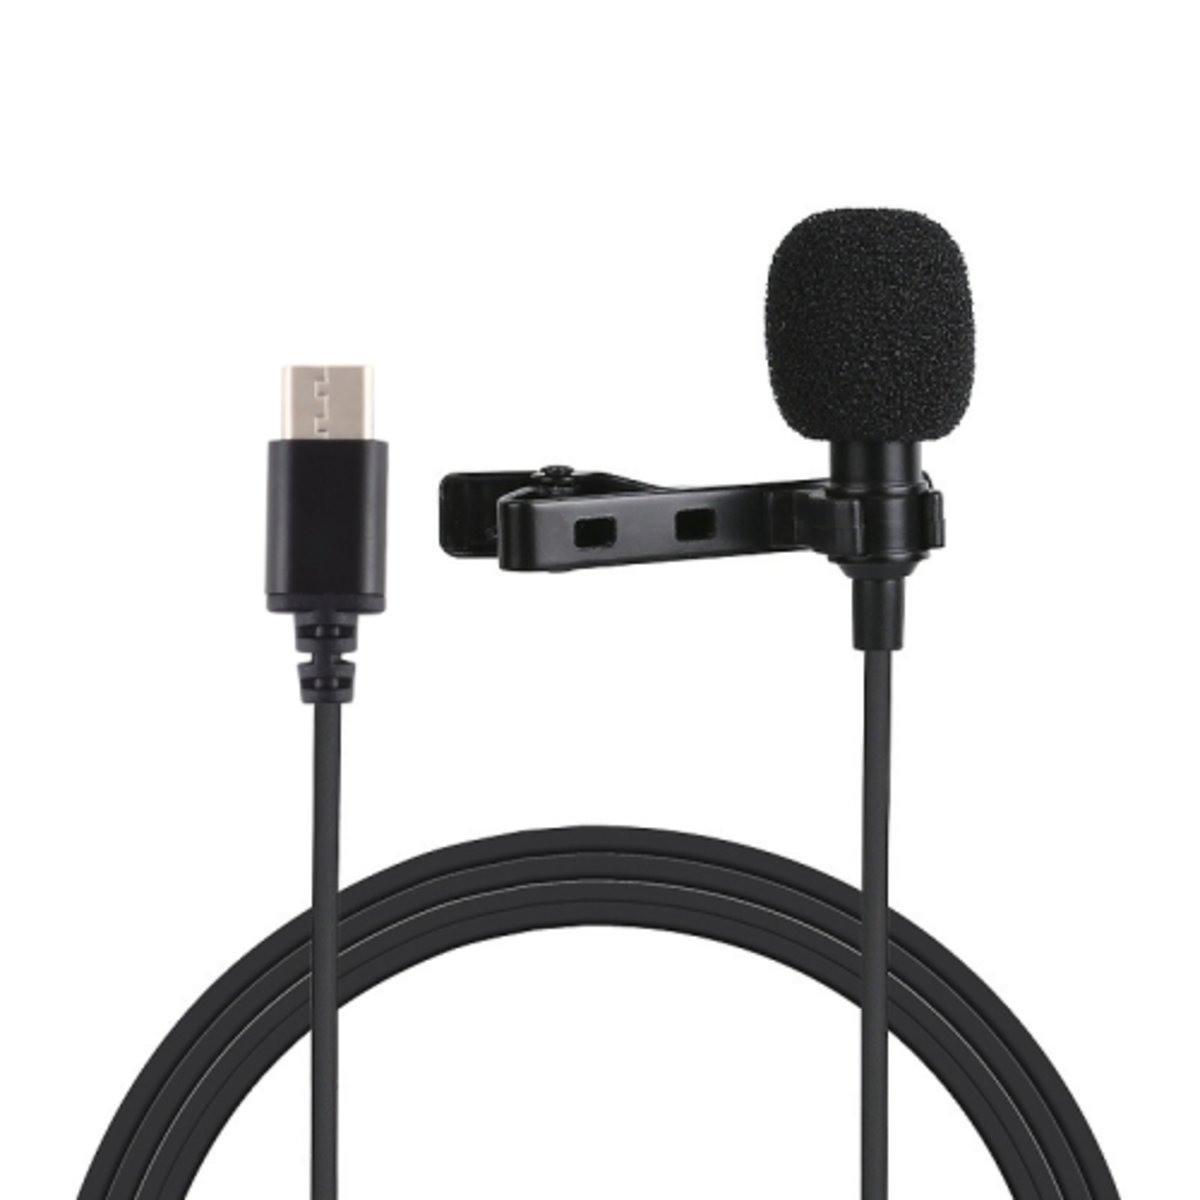 Микрофон для съемки - петличка Puluz PU425 1,5м (TYPE-C)